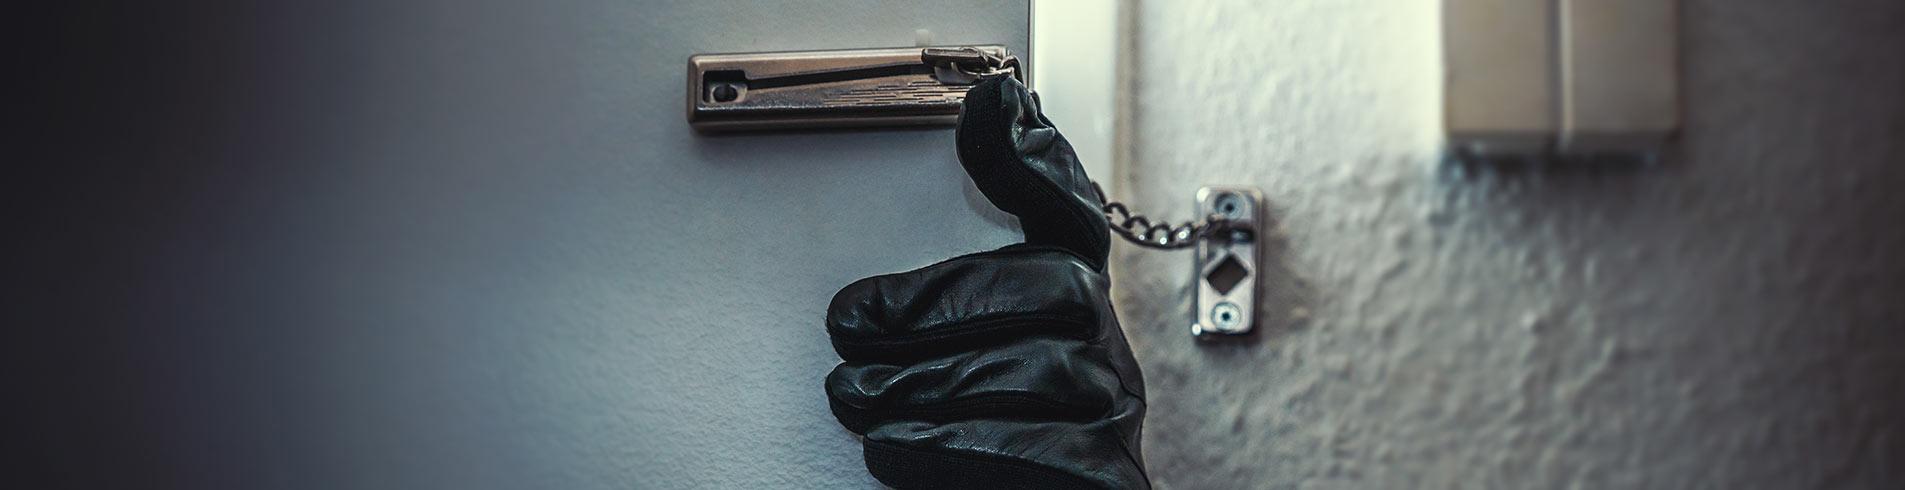 Crime Prevention Tips